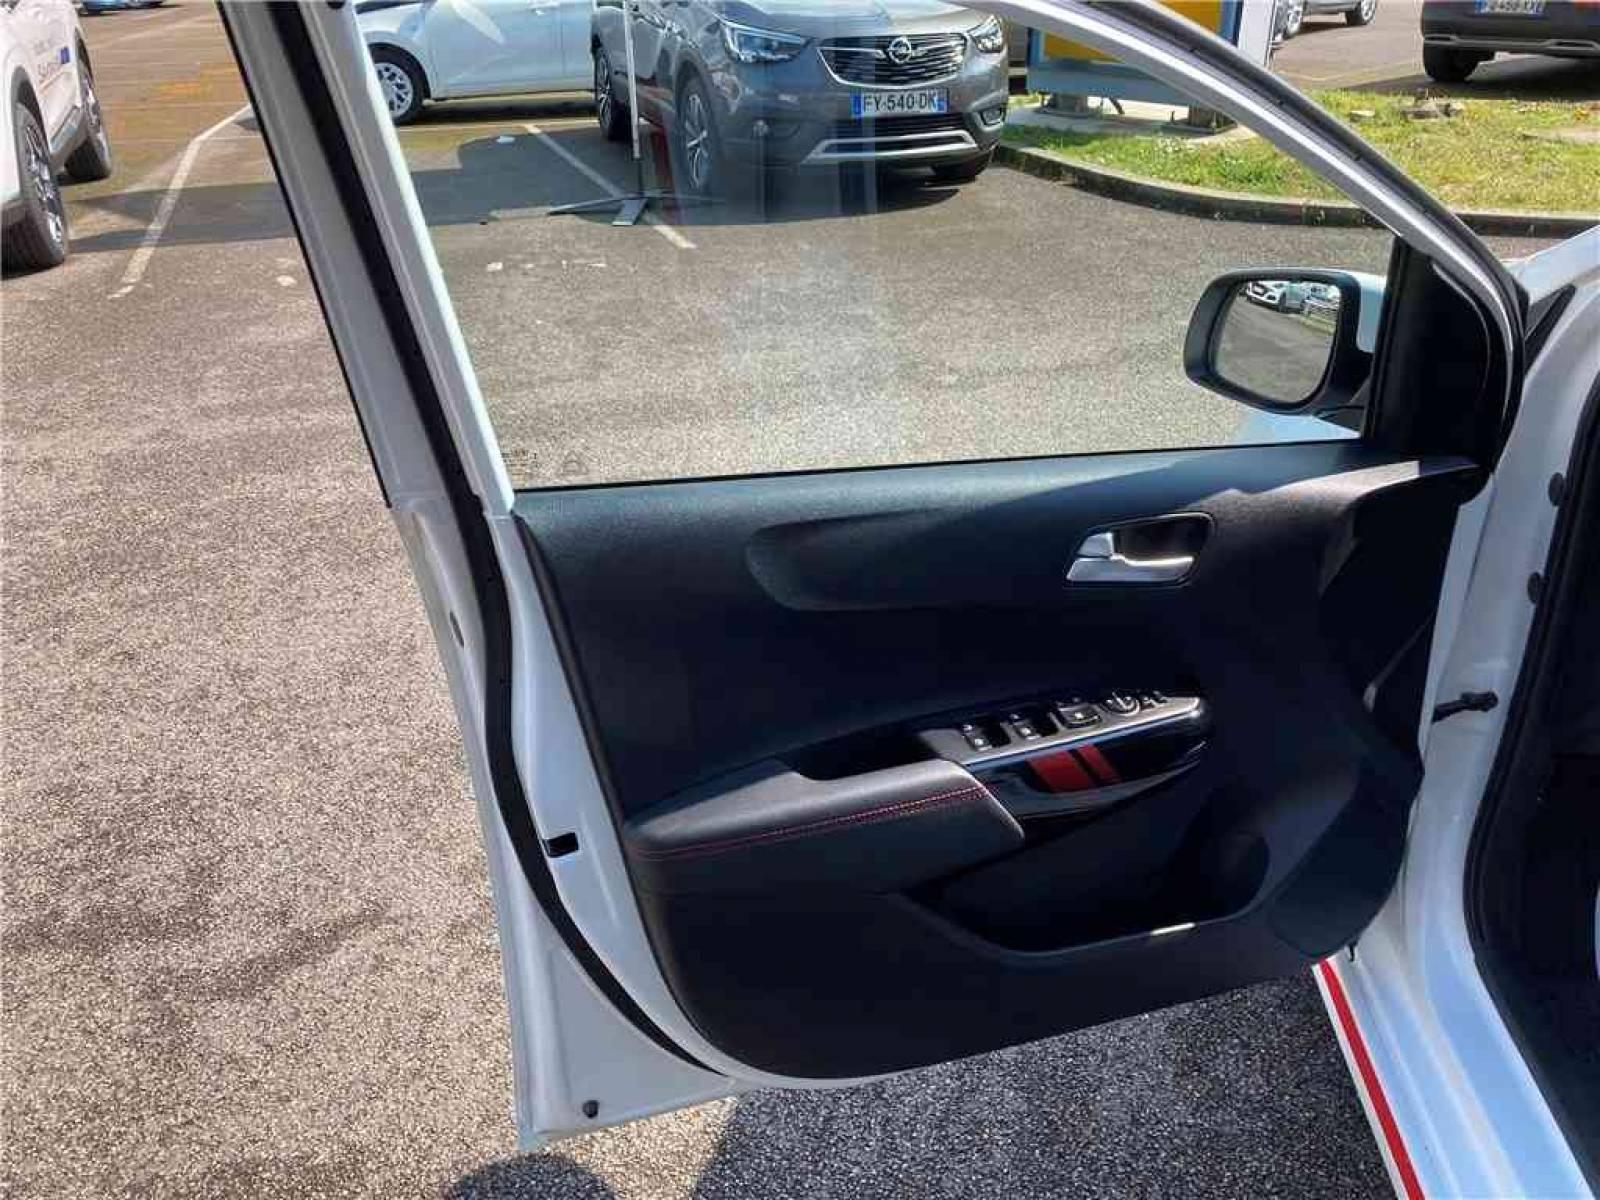 KIA Picanto 1.0 essence T-GDi 100ch ISG BVM5 - véhicule d'occasion - Groupe Guillet - Hall de l'automobile - Montceau les Mines - 71300 - Montceau-les-Mines - 16